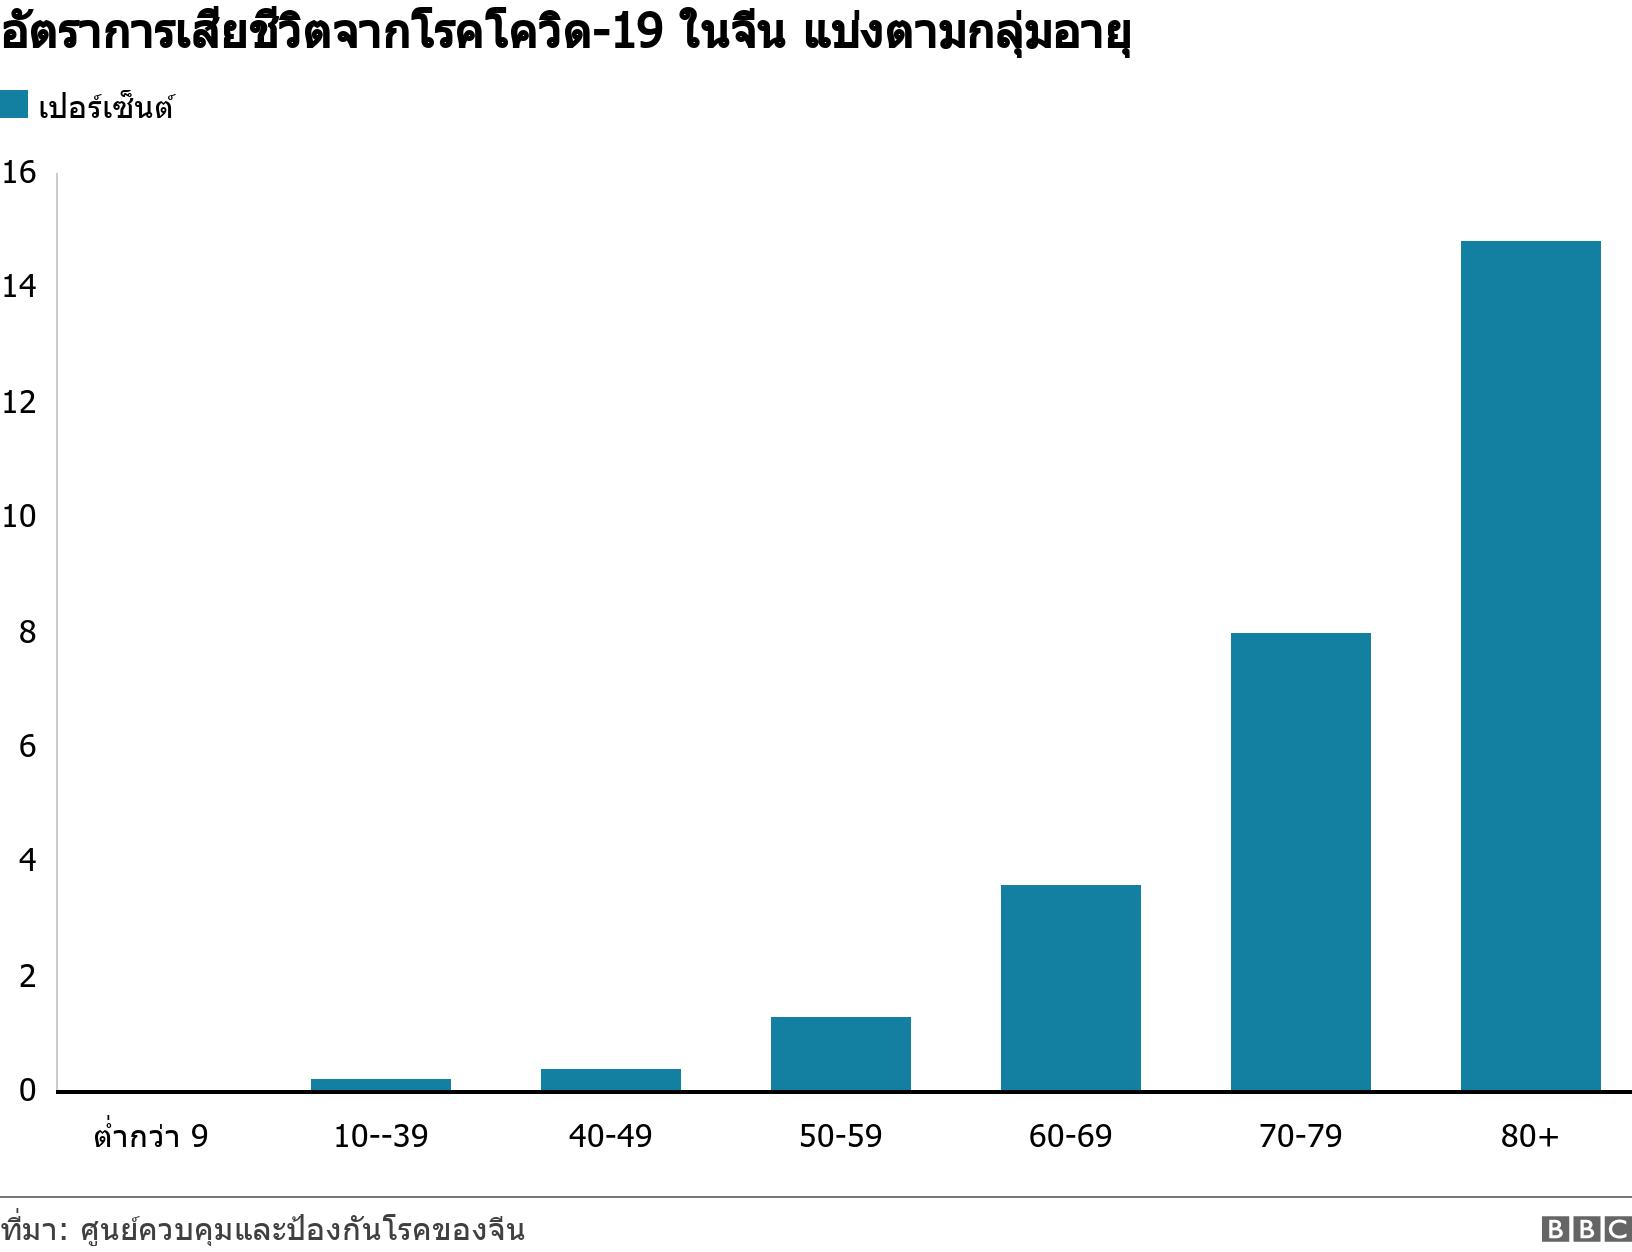 อัตราการเสียชีวิตจากโรคโควิด-19 ในจีน แบ่งตามกลุ่มอายุ. .  .